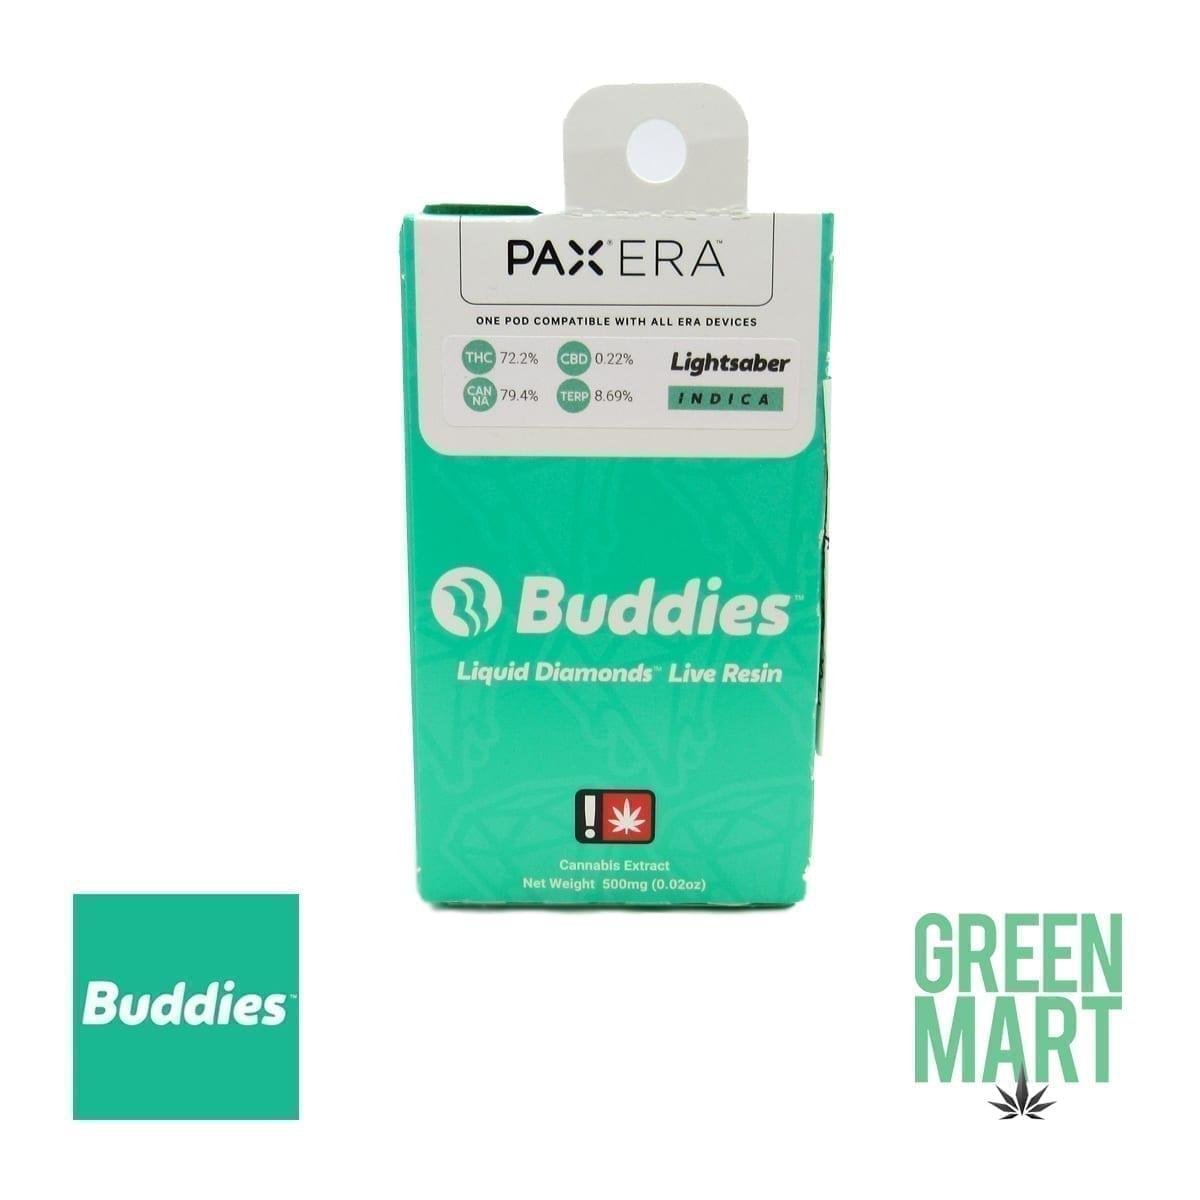 Buddies Lightsaber PaxPod